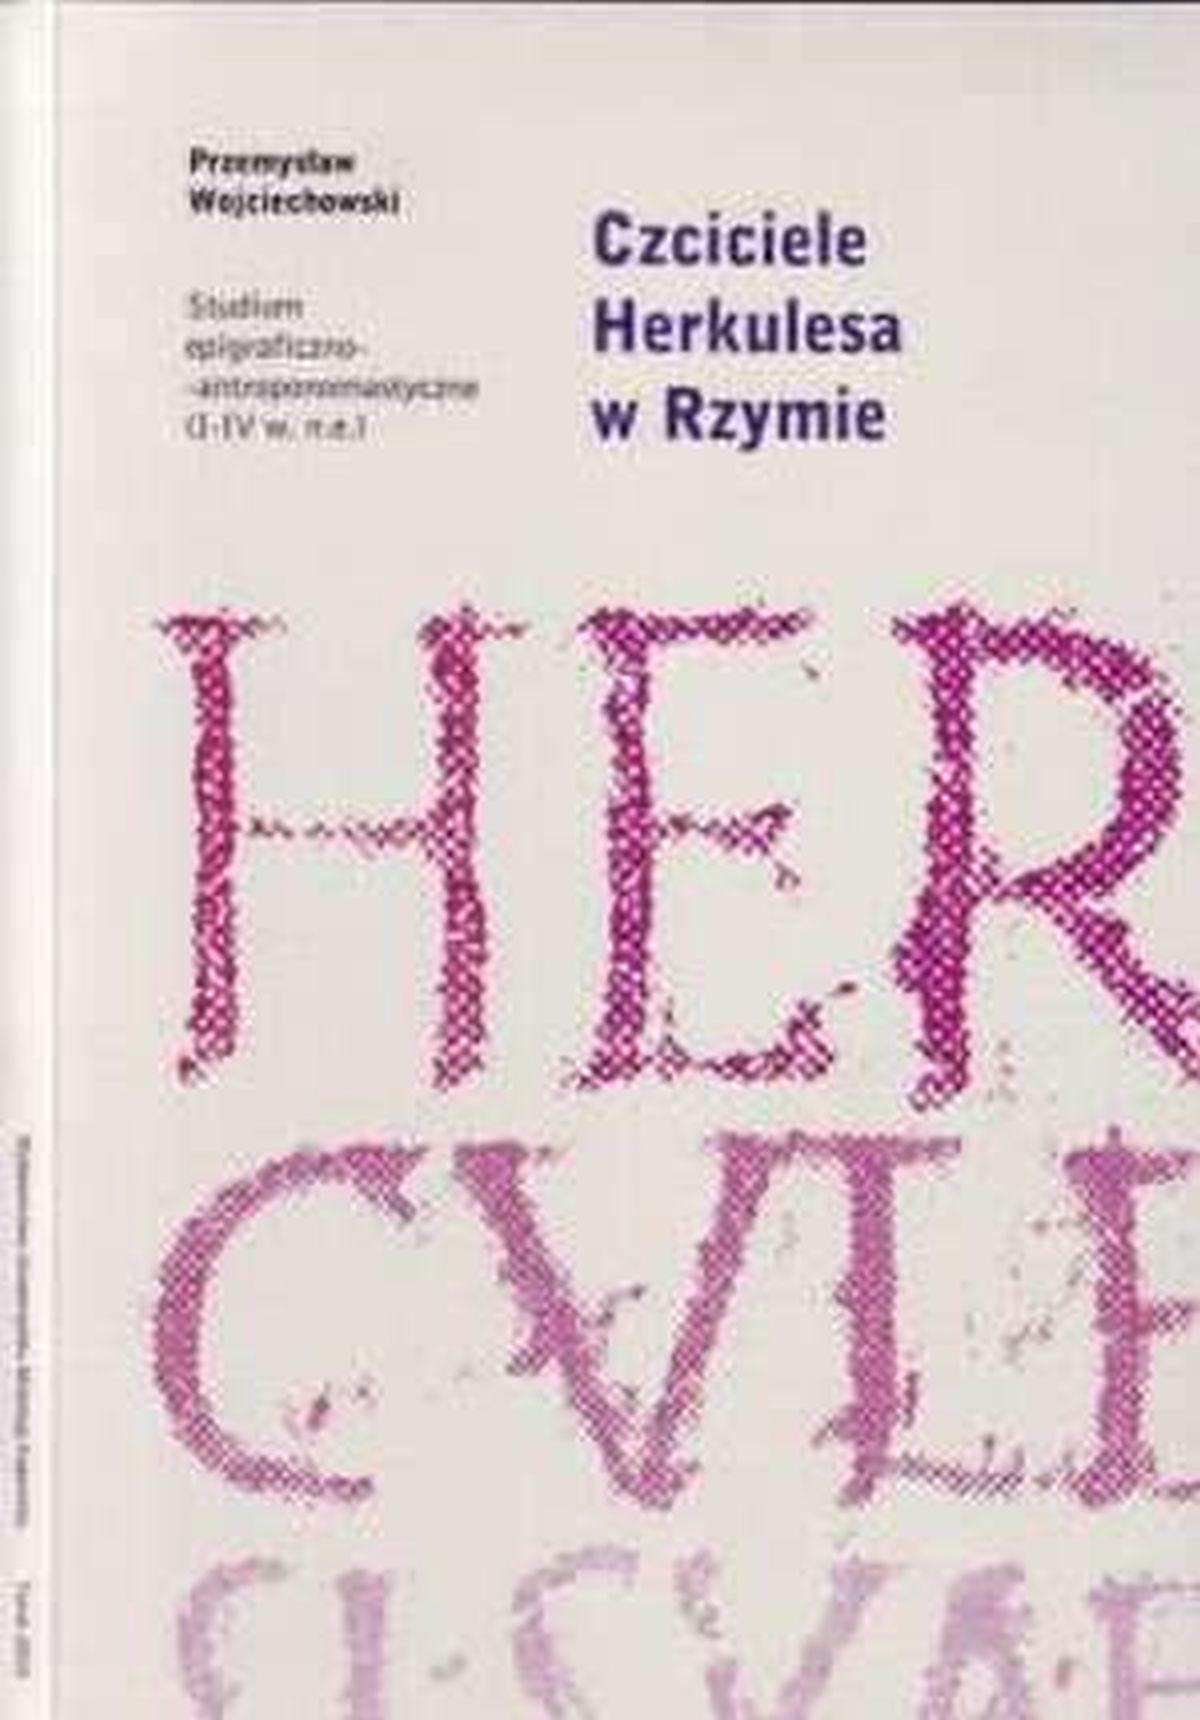 Czciciele Herkulesa w Rzymie. Studium epigraficzno-antropomastyczne (I-IV wiek n.e.)